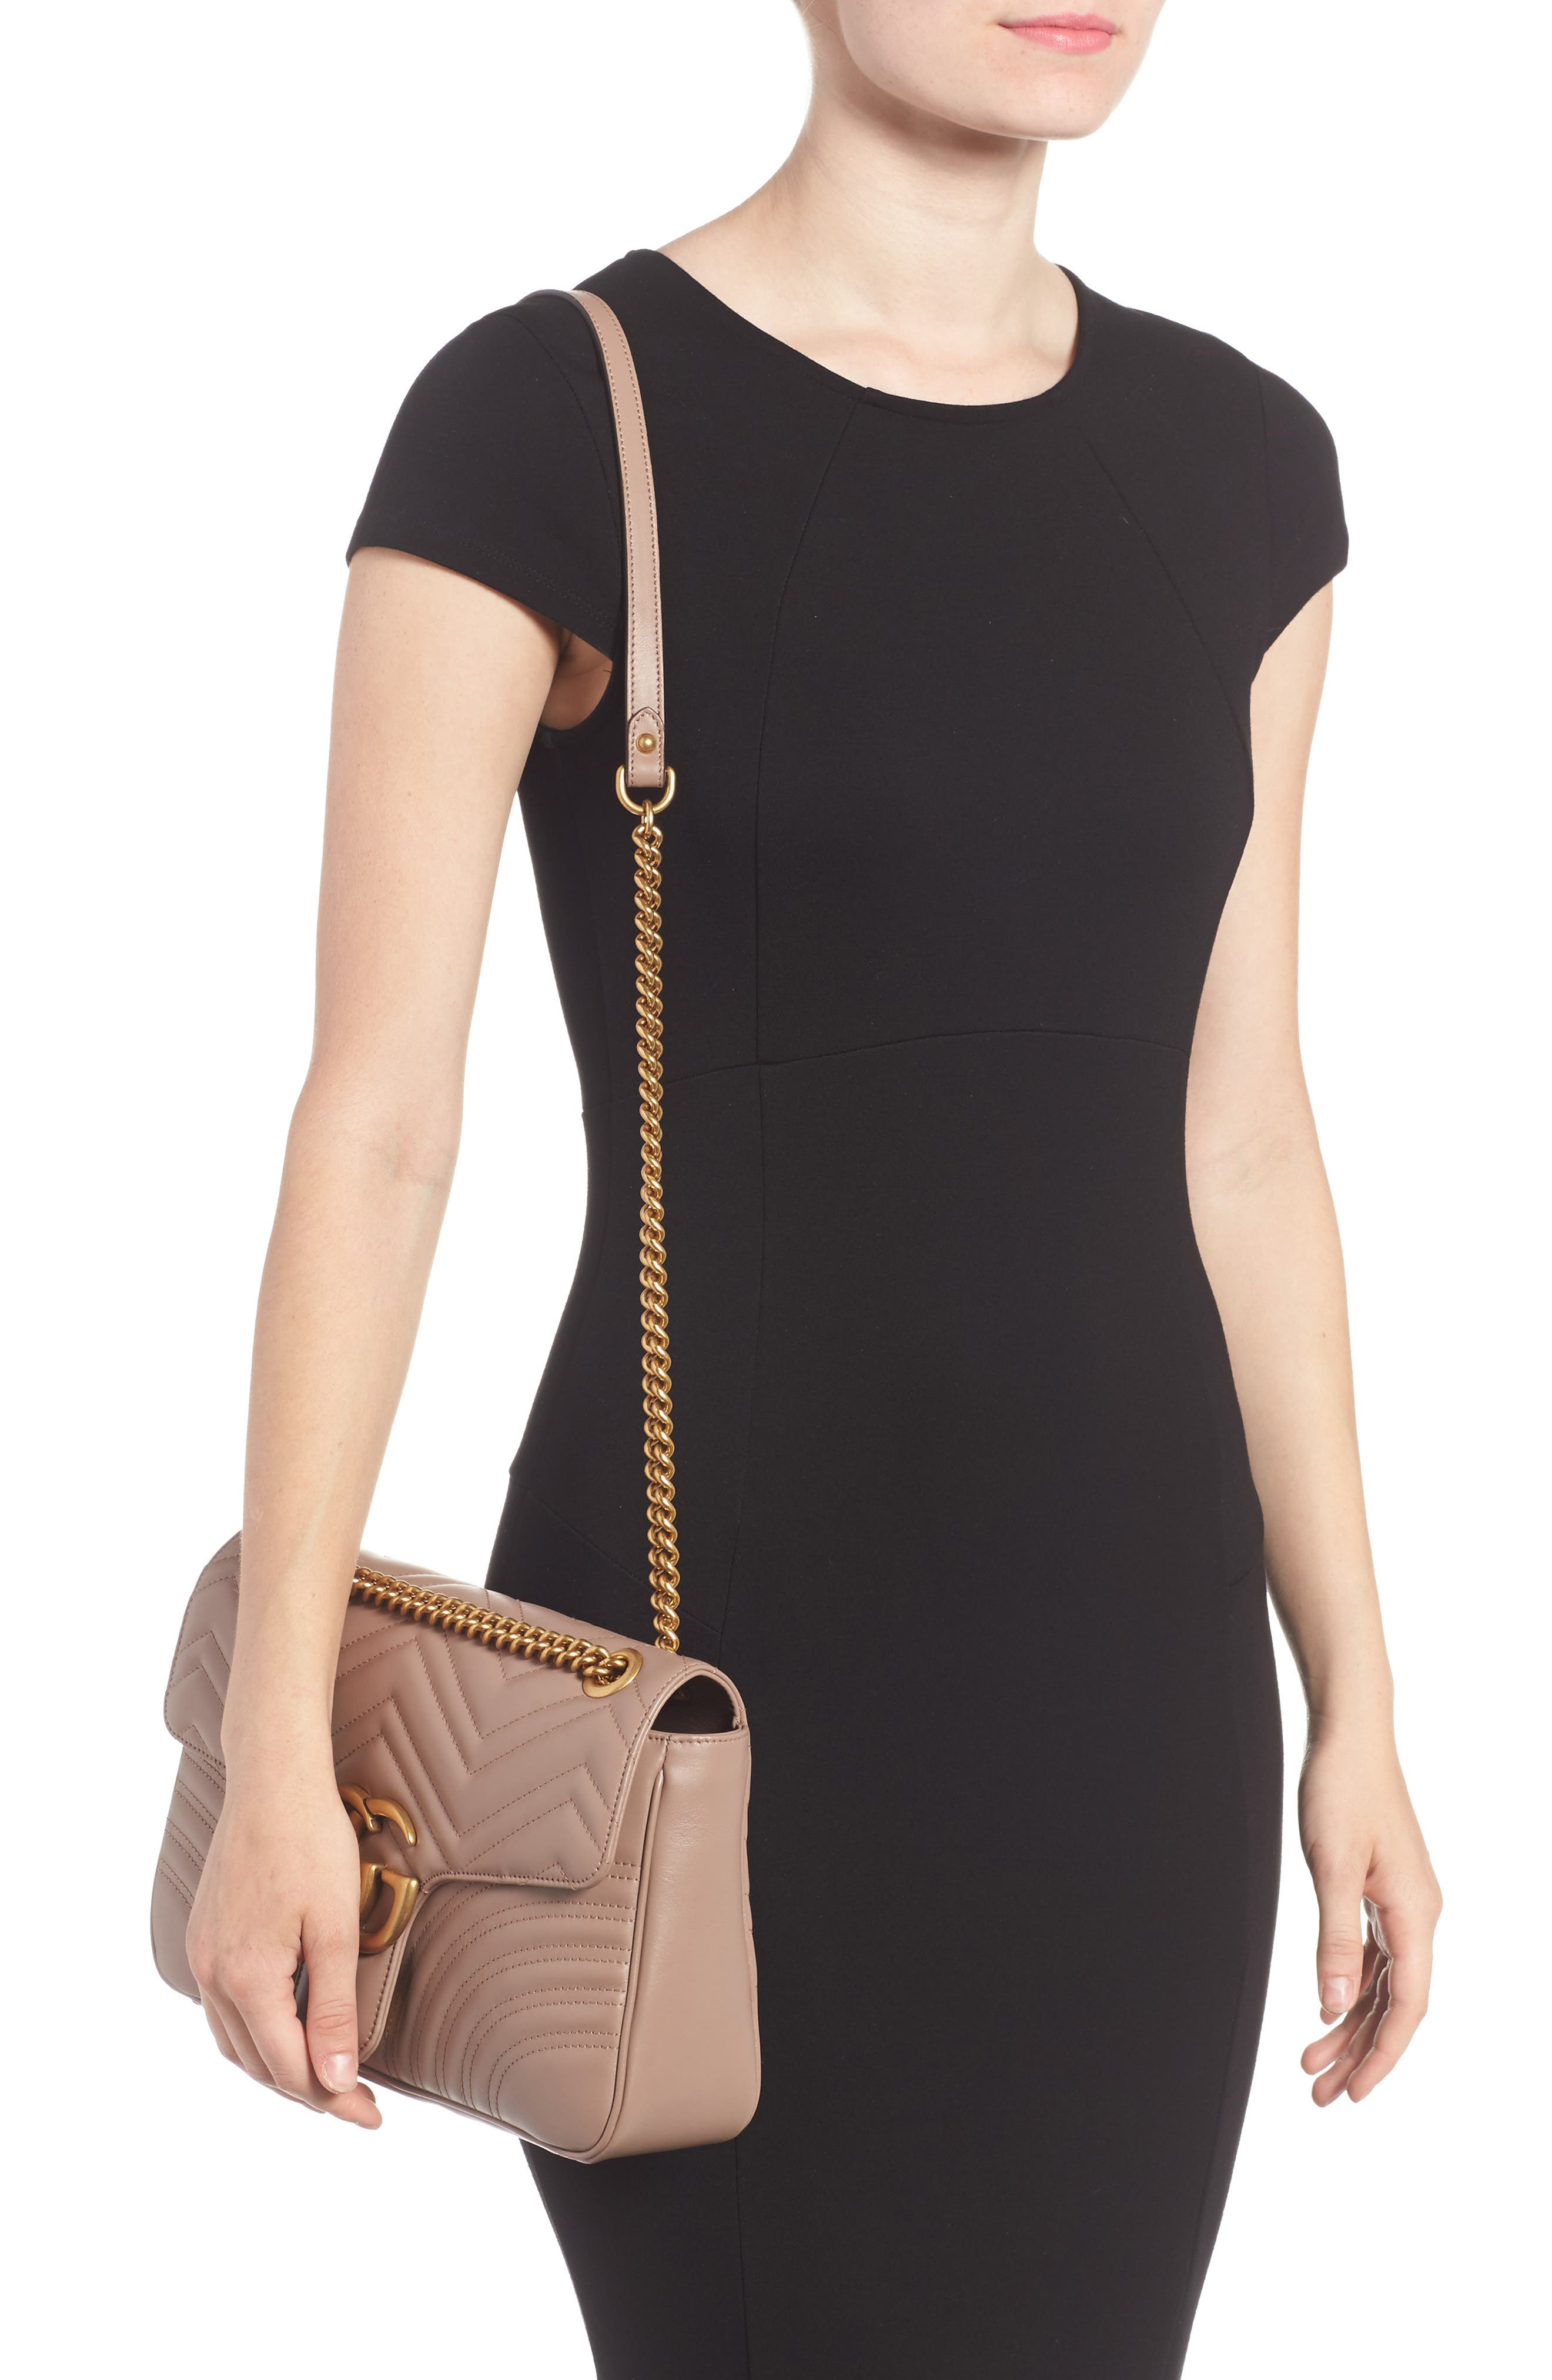 Medium GG Marmont 2.0 Matelassé Leather Shoulder Bag,                             Alternate thumbnail 2, color,                             PORCELAIN ROSE